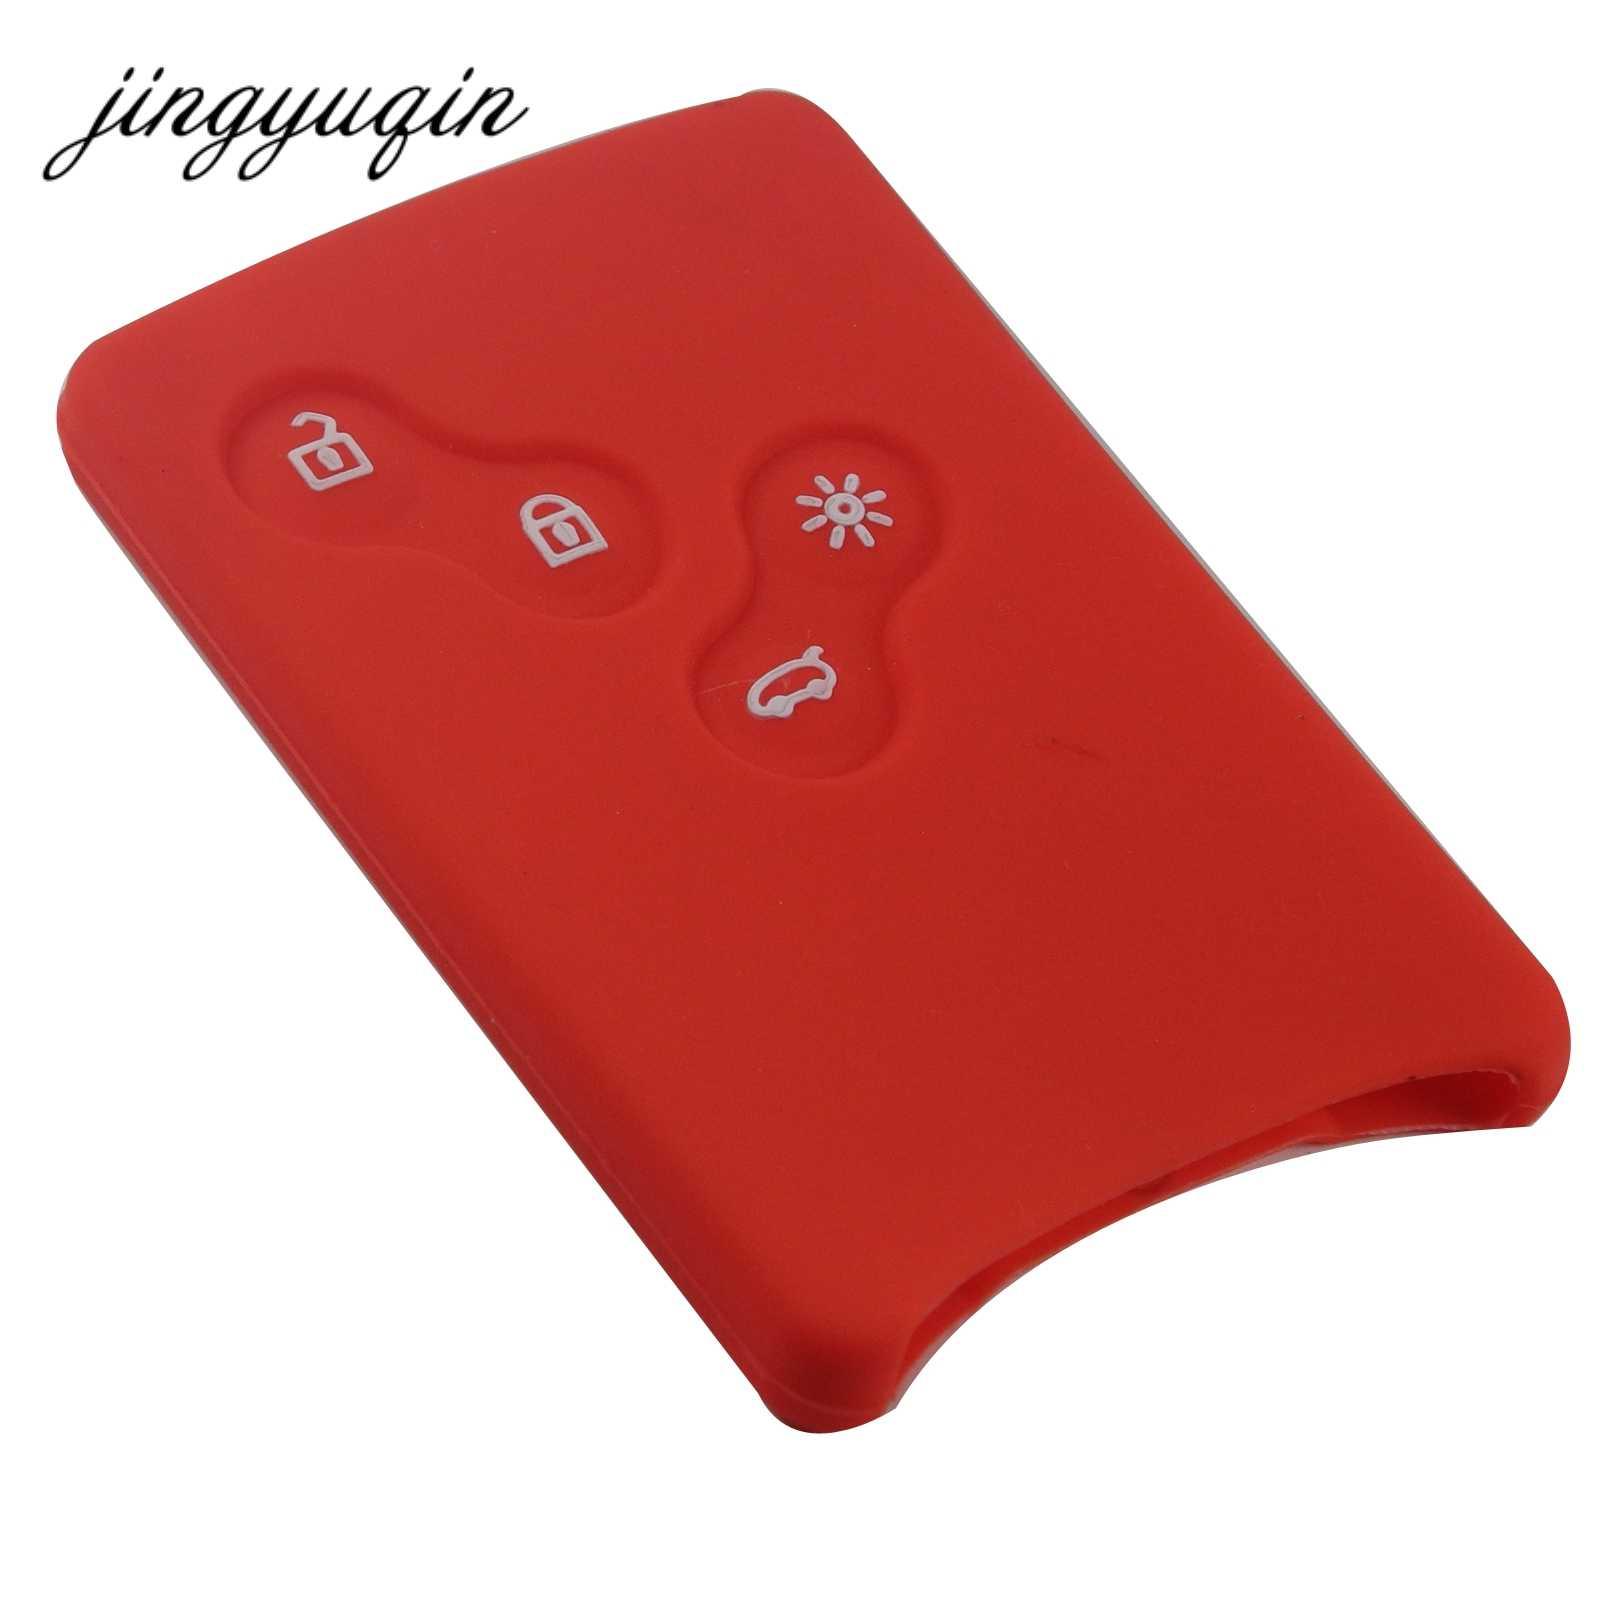 Jingyuqin 4 botão chave do carro capa de silicone titular protetor para renault clio logan megane 2 3 koleos scenic cartão chaveiro caso